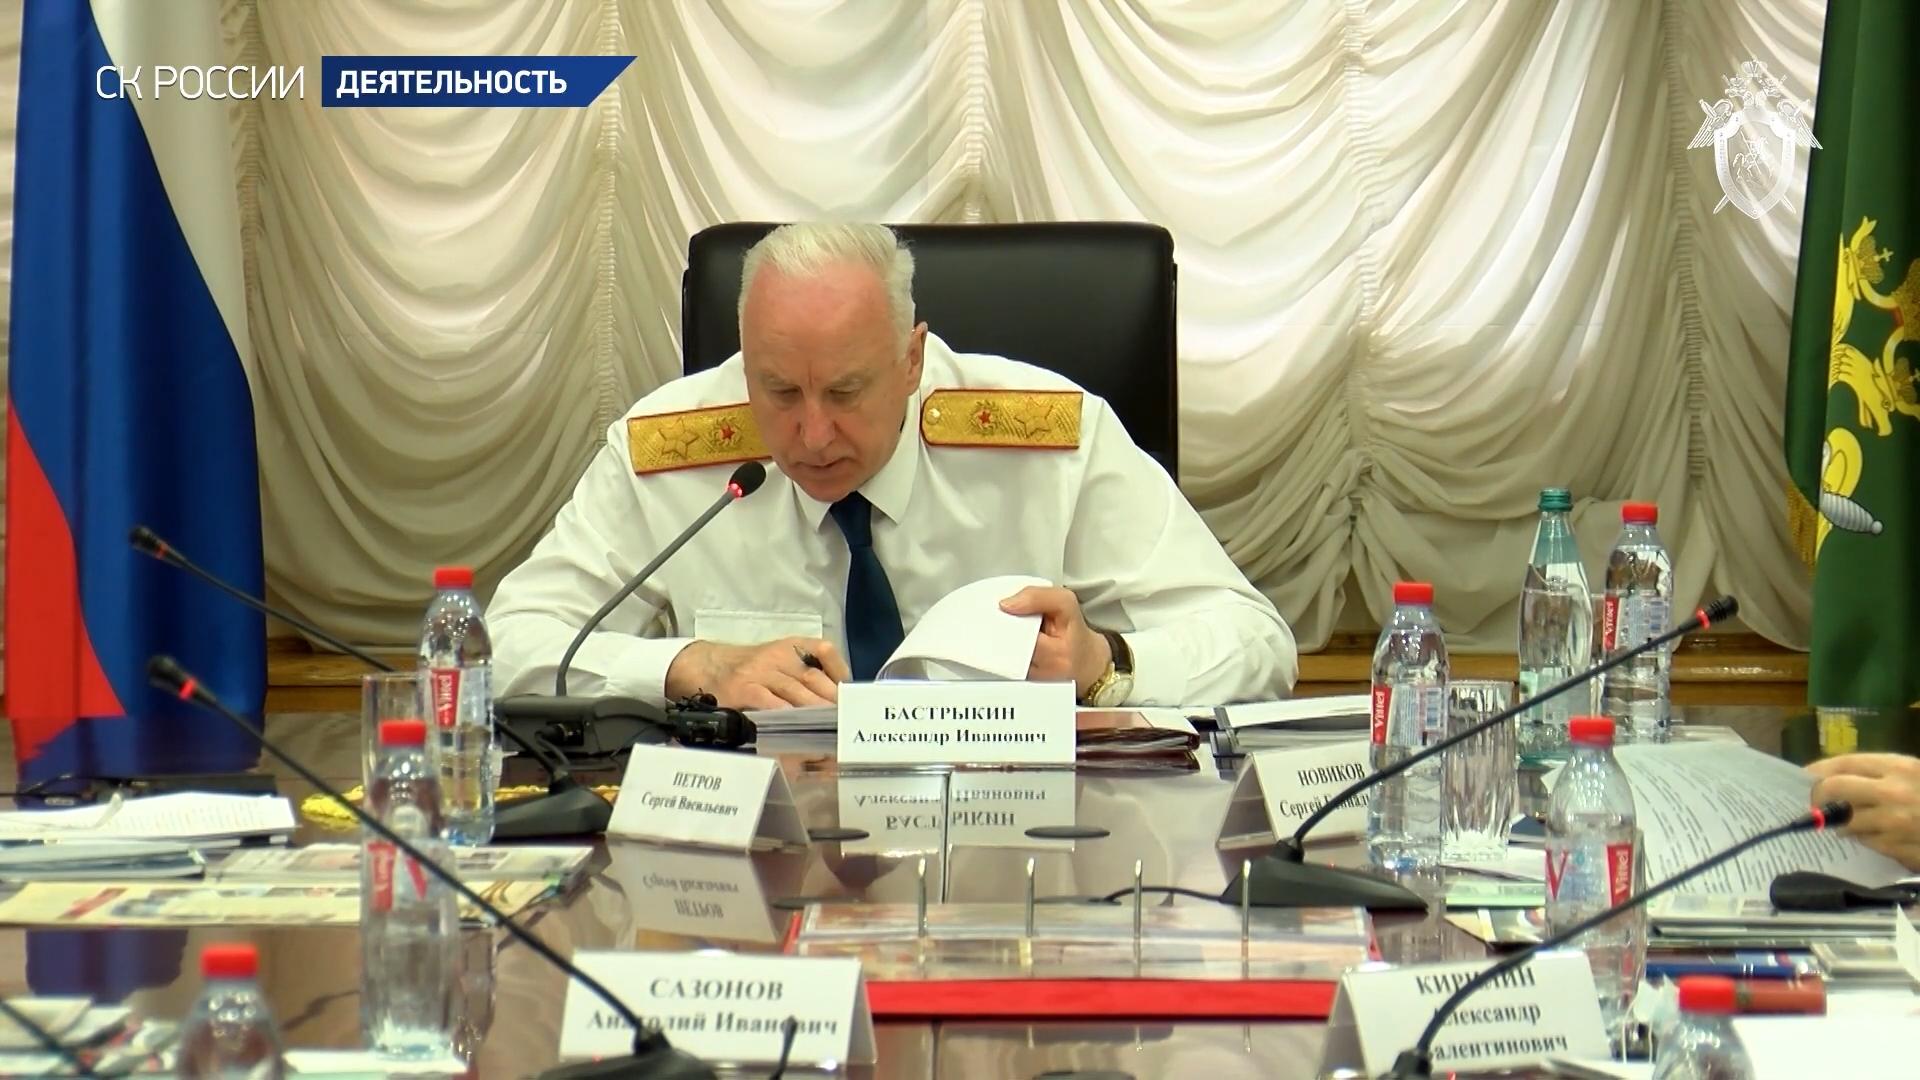 20200702-Состоялось первое заседание штаба по координации поисковой и архивной работы СК России-pic02